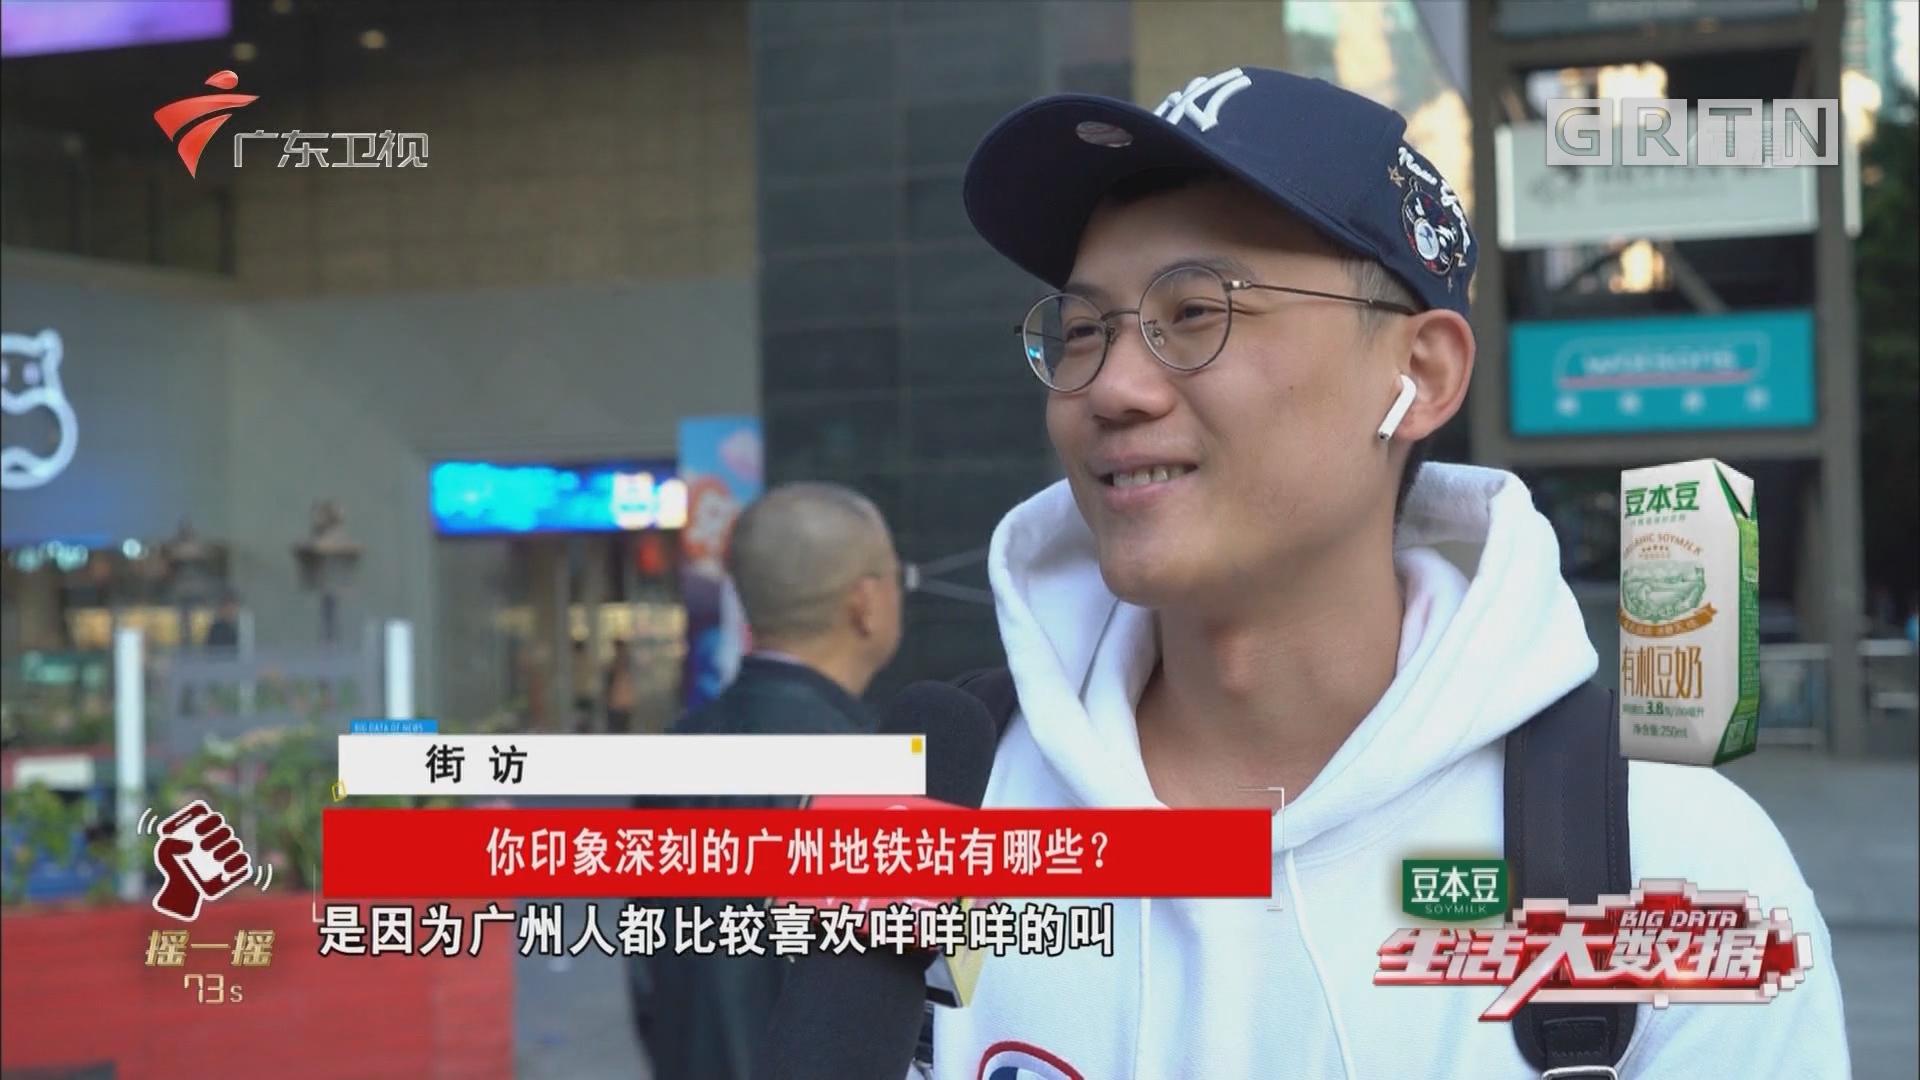 街坊:你印象深刻的广州地铁站有哪些?